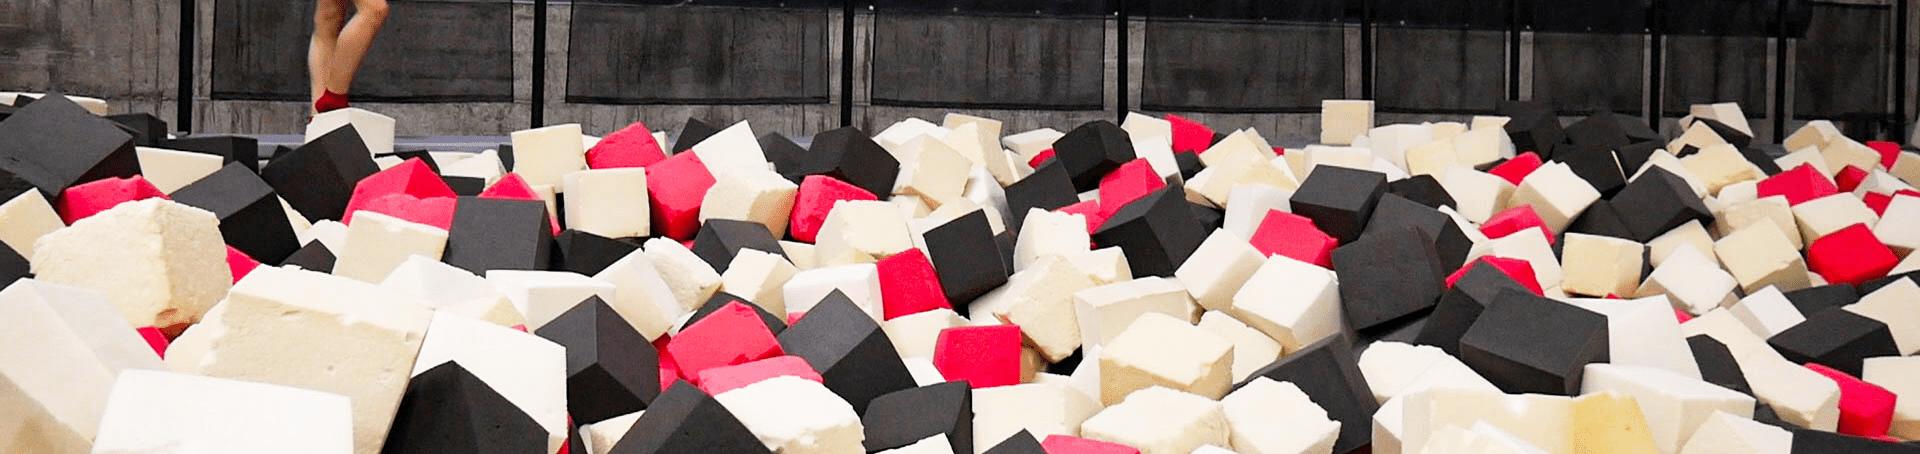 Der Foampit der aus einem riesigen Schaumstoffwürfelbecken besteht